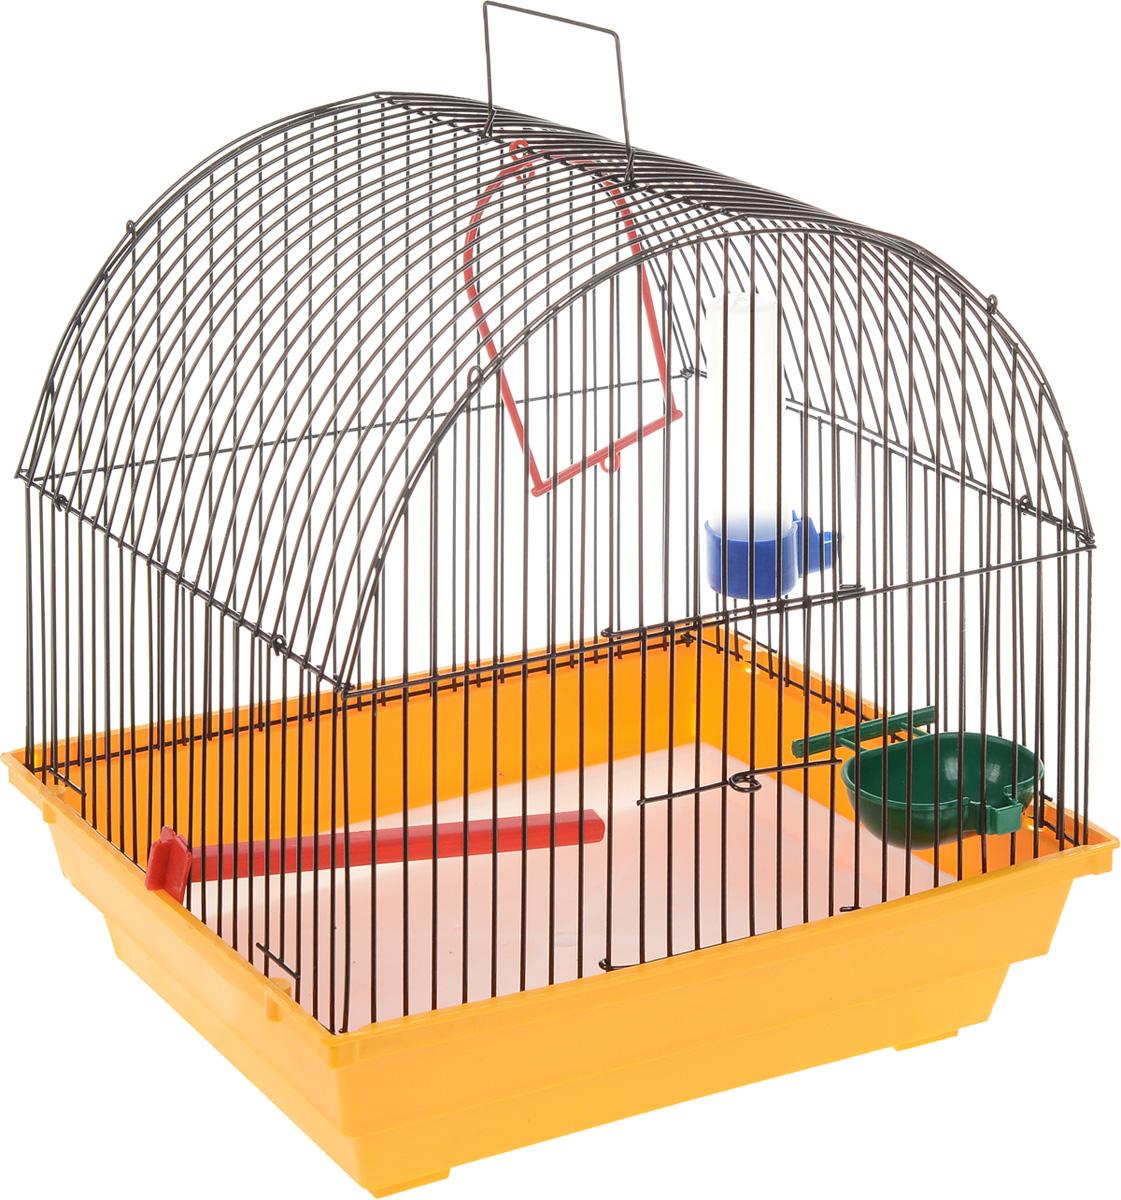 Клетка для птиц ЗооМарк, цвет: желтый поддон, черная решетка, 35 х 28 х 34 см420_желтый, черныйКлетка ЗооМарк, выполненная из полипропилена и металла с эмалированным покрытием, предназначена для мелких птиц. Изделие состоит из большого поддона и решетки. Клетка снабжена металлической дверцей. В основании клетки находится малый поддон. Клетка удобна в использовании и легко чистится. Комплектация: - клетка с поддоном, - малый поддон, - поилка, - кормушка, - кольцо.